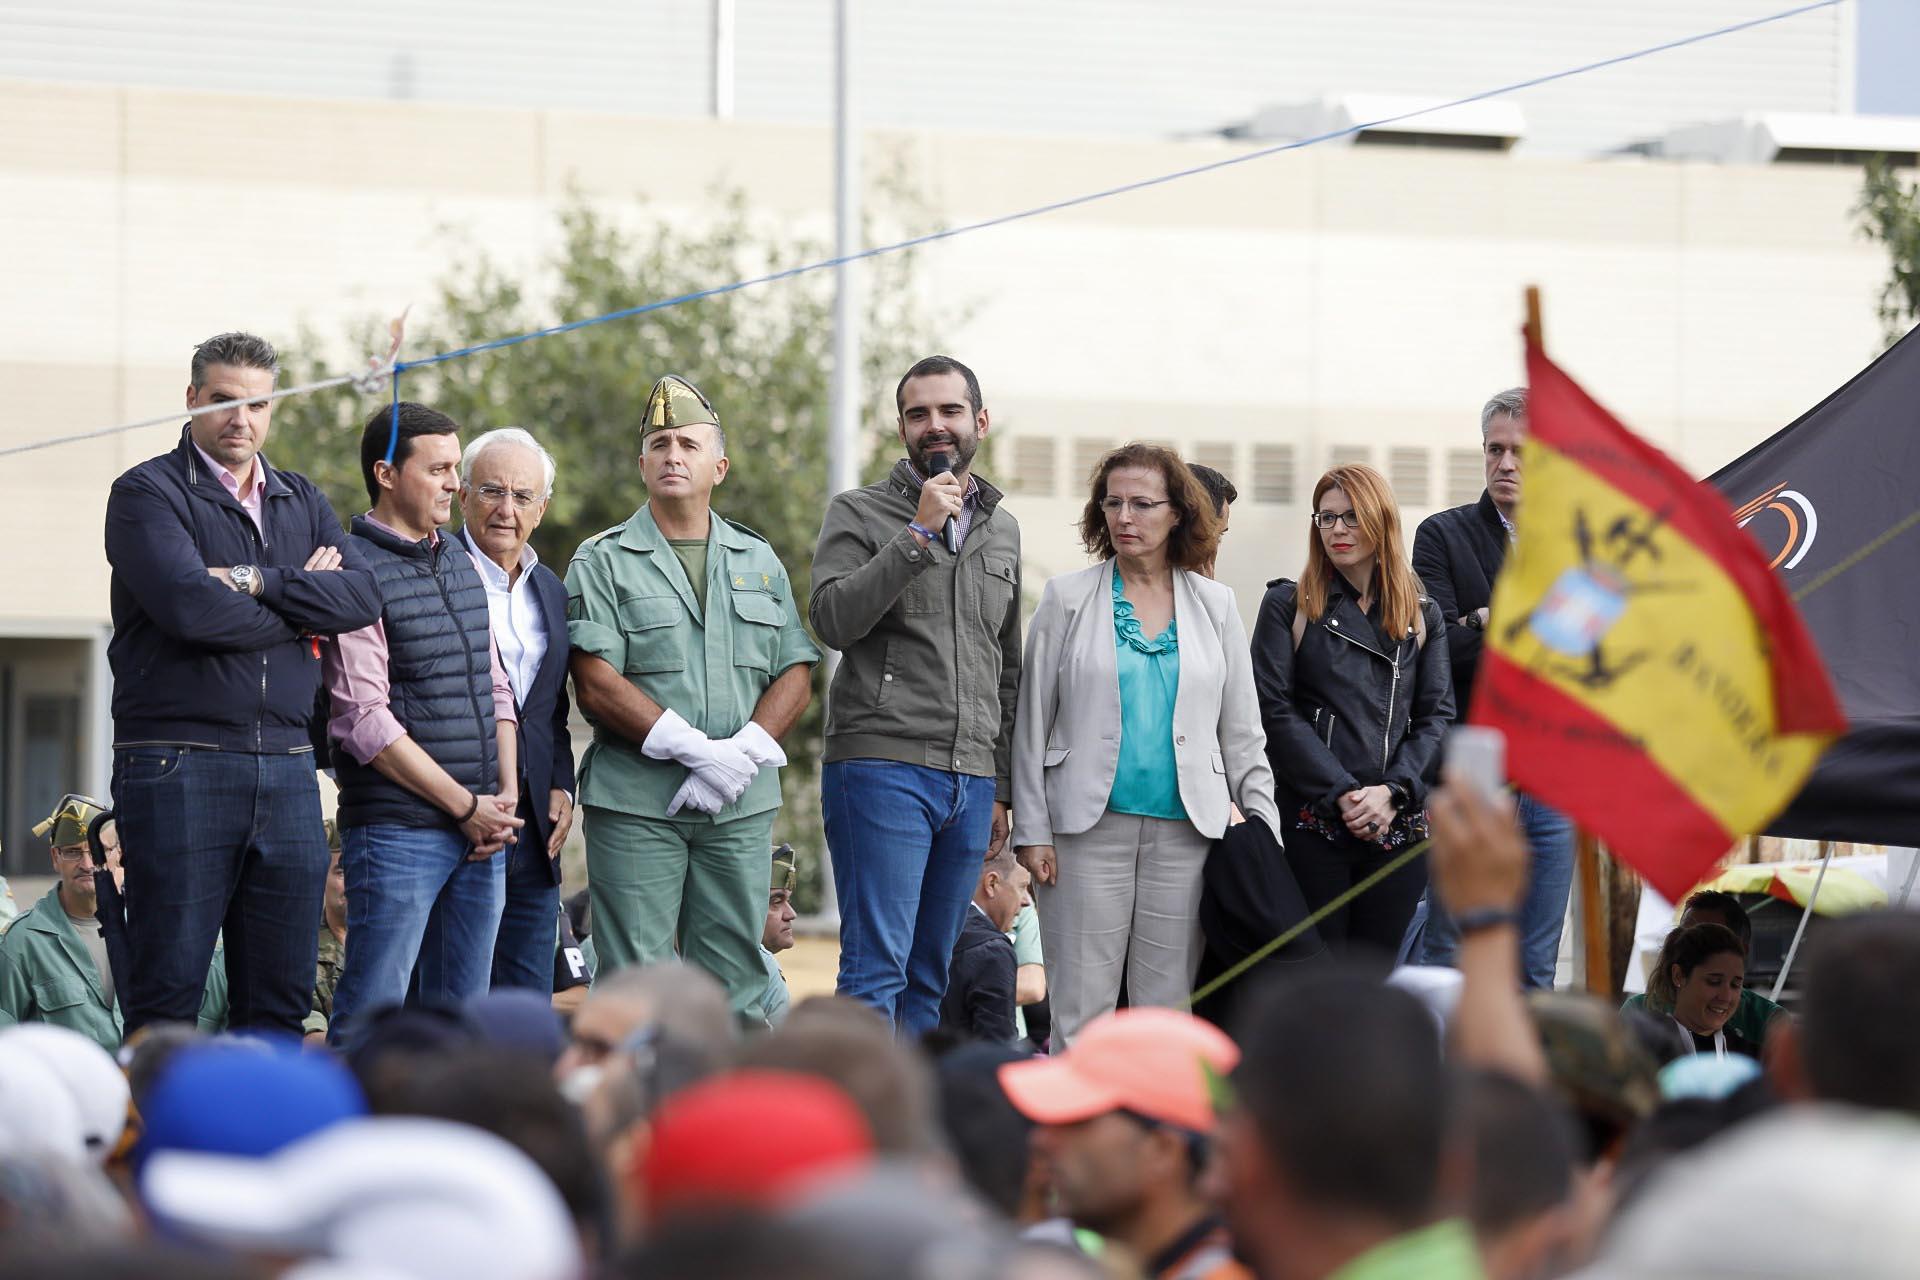 Almería aplaude el esfuerzo y valentía de los 5.300 participantes en la segunda edición de 'La Desértica'